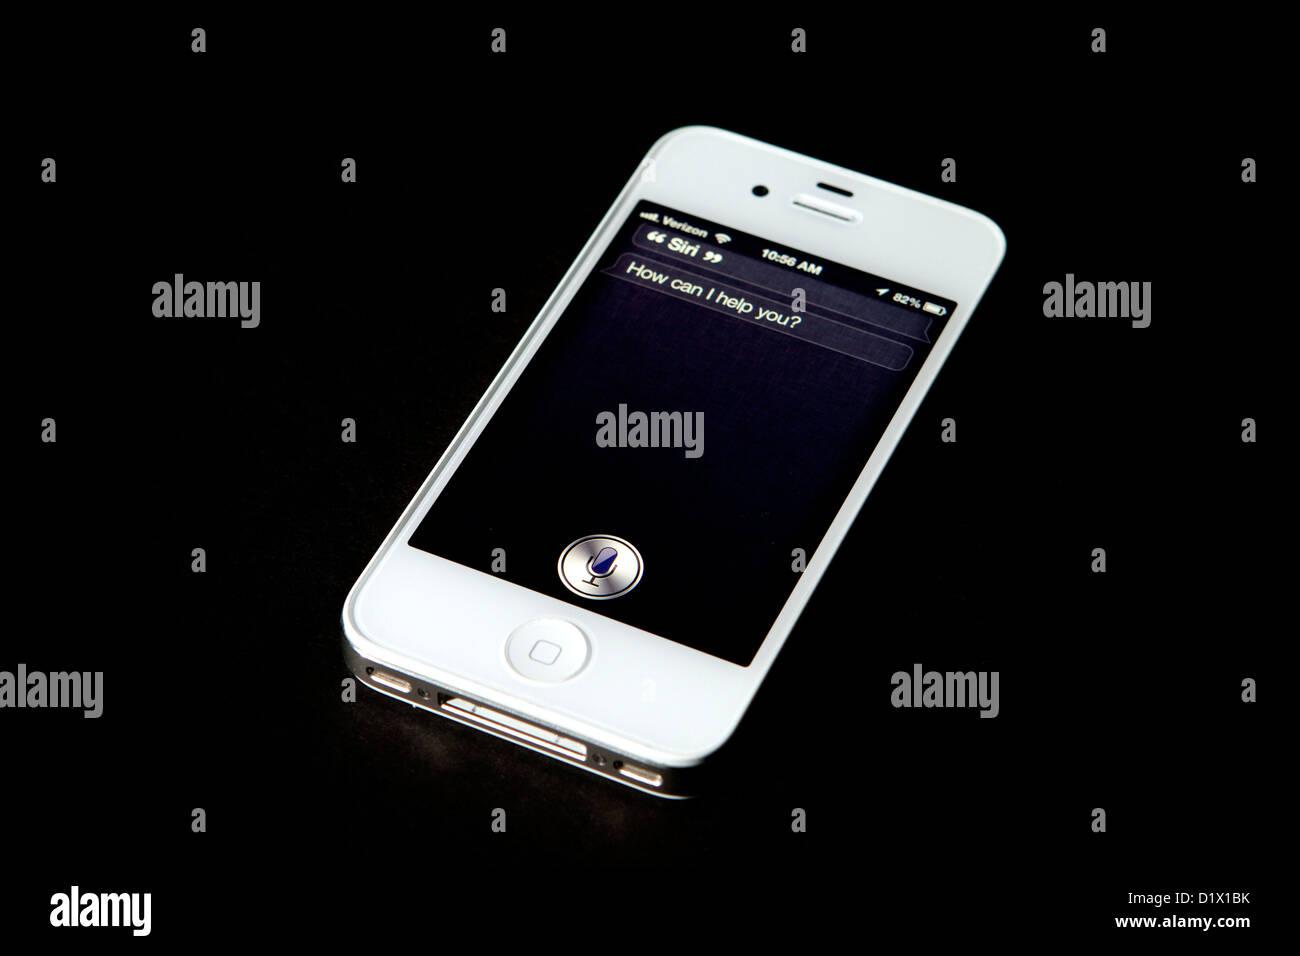 Iphone Bianco Immagini Iphone Bianco Fotos Stock Alamy